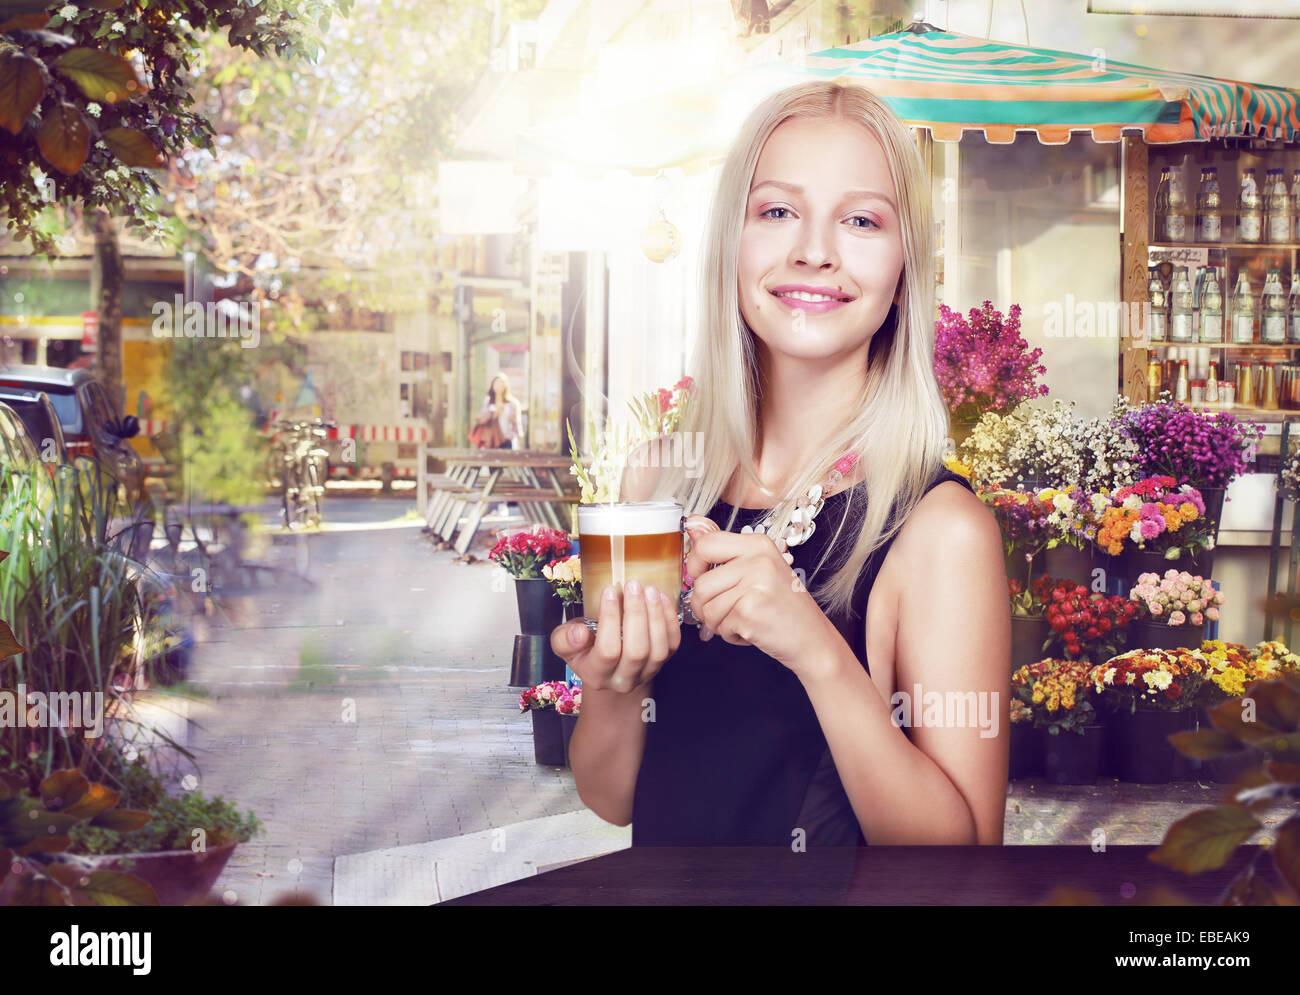 Vous pourrez vous rafraîchir. Femme heureuse avec tasse de café dans un café de la rue Photo Stock